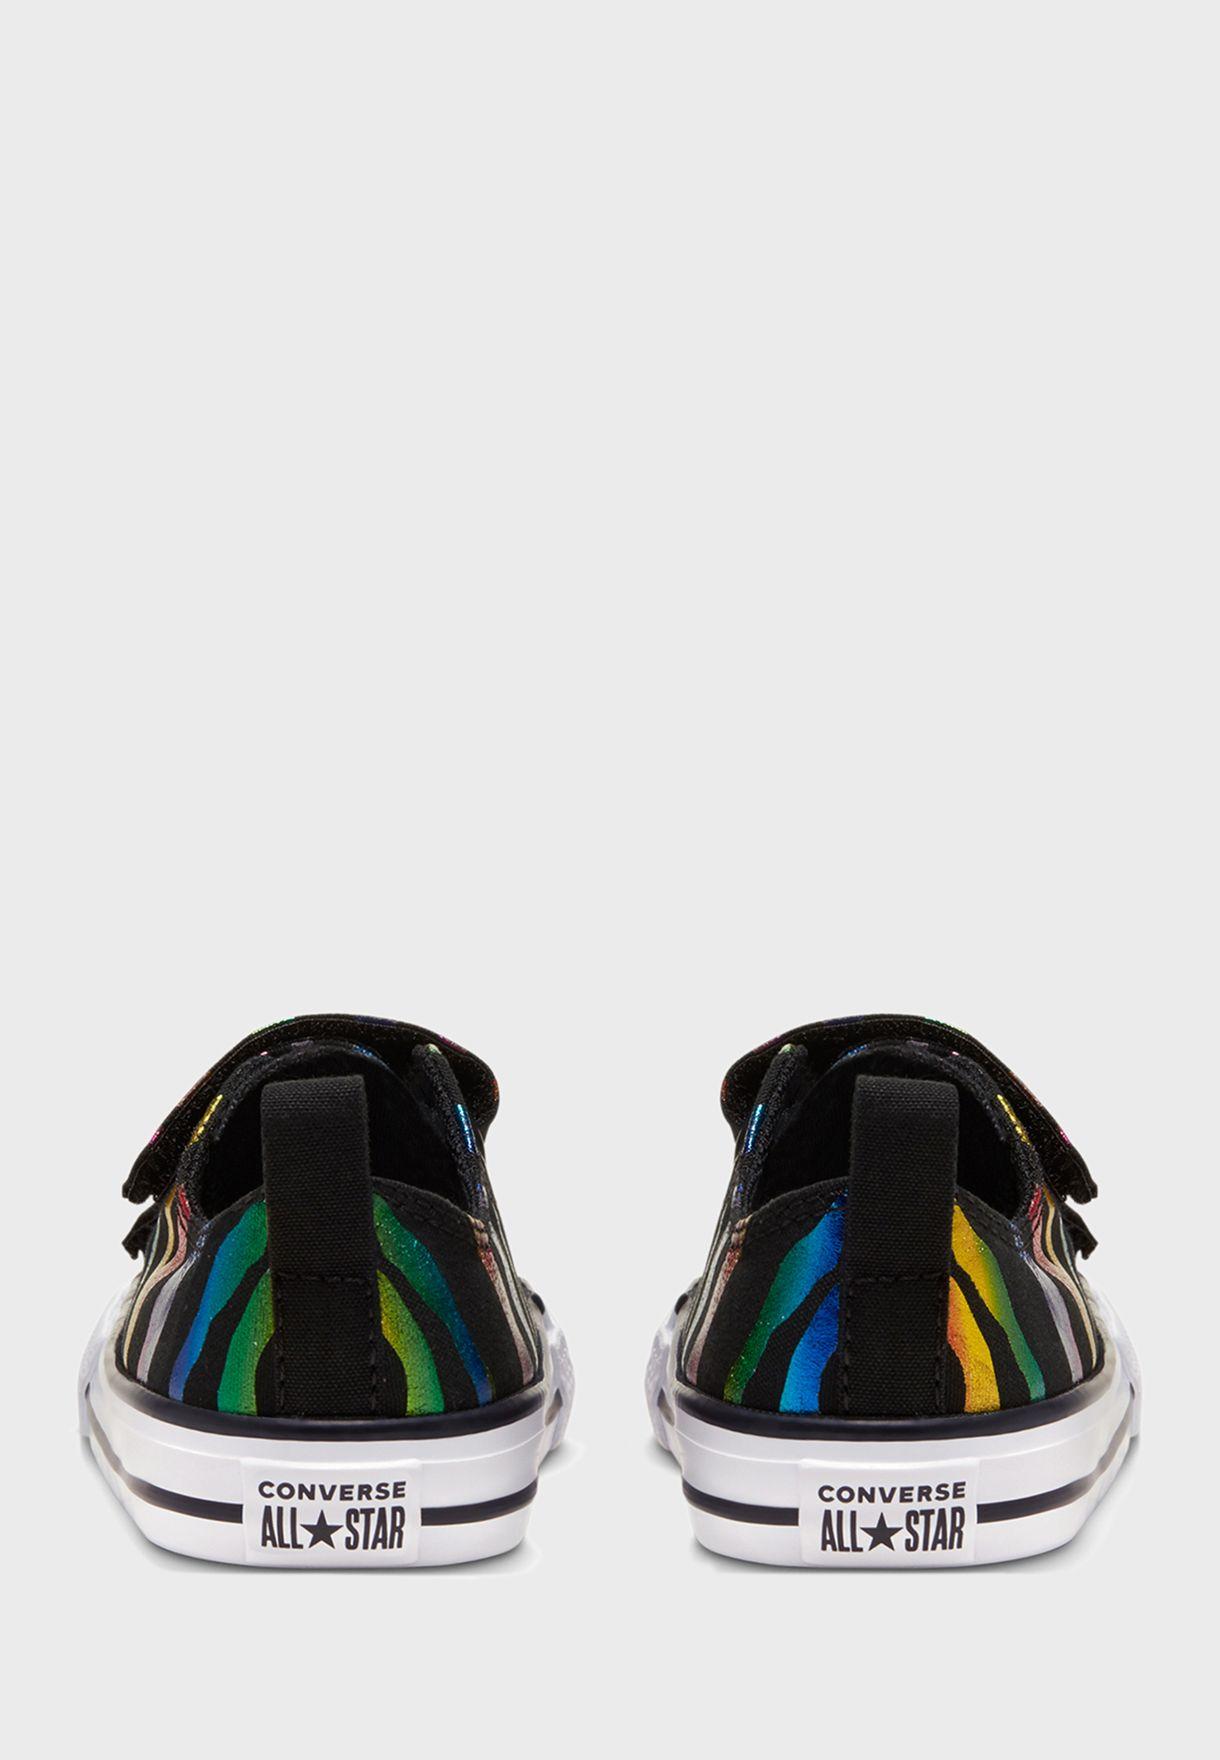 حذاء تشك تايلور اول ستار